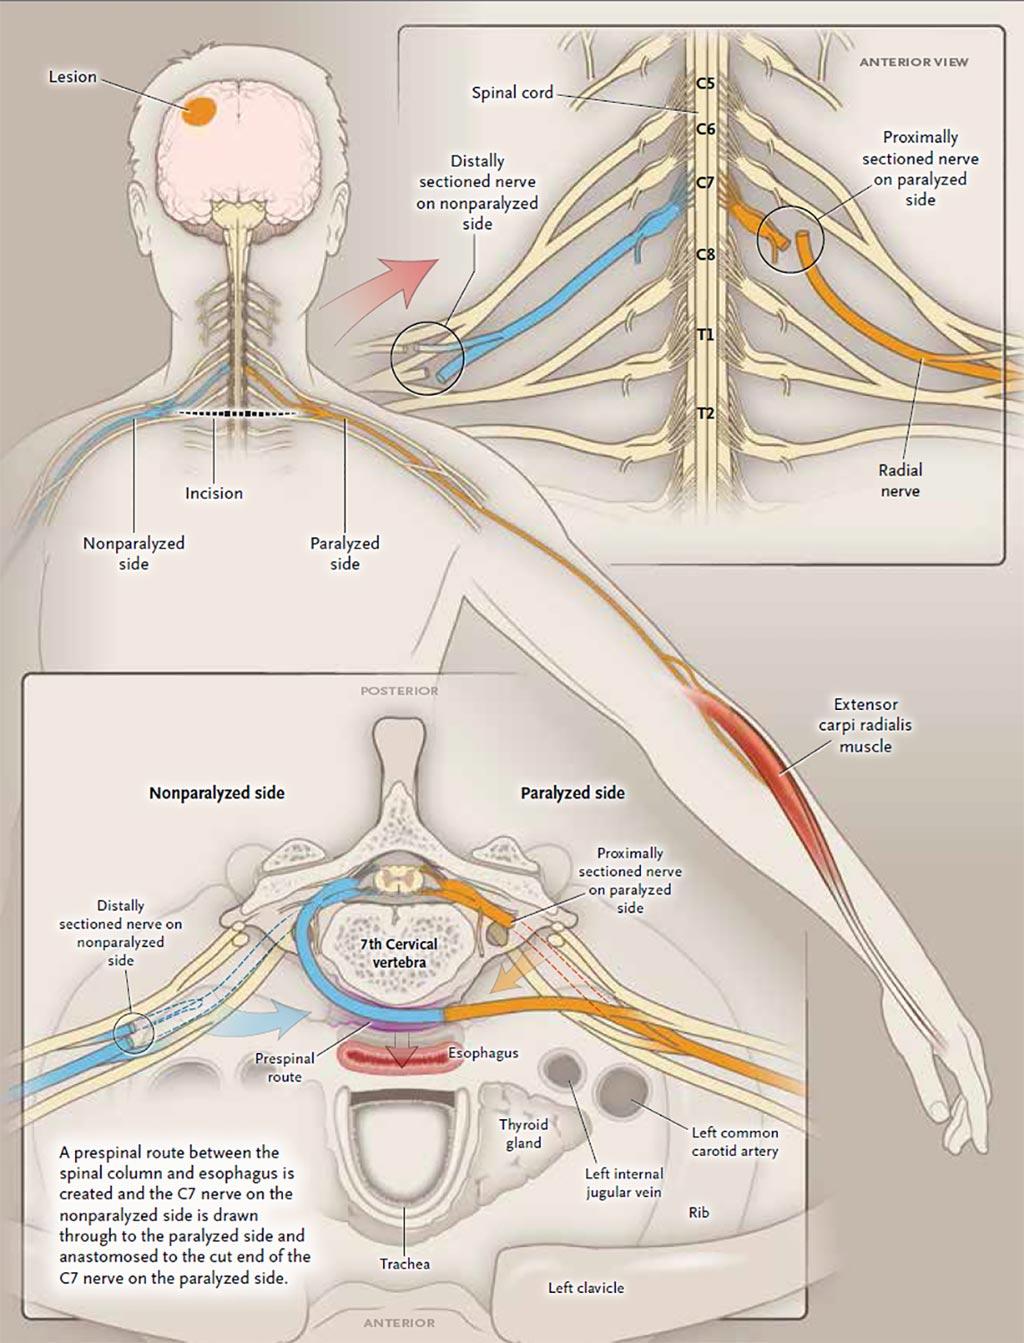 Imagen: Procedimiento de transferencia del nervio cervical C7 (Fotografía cortesía de MX Zheng / Universidad de Fudan).